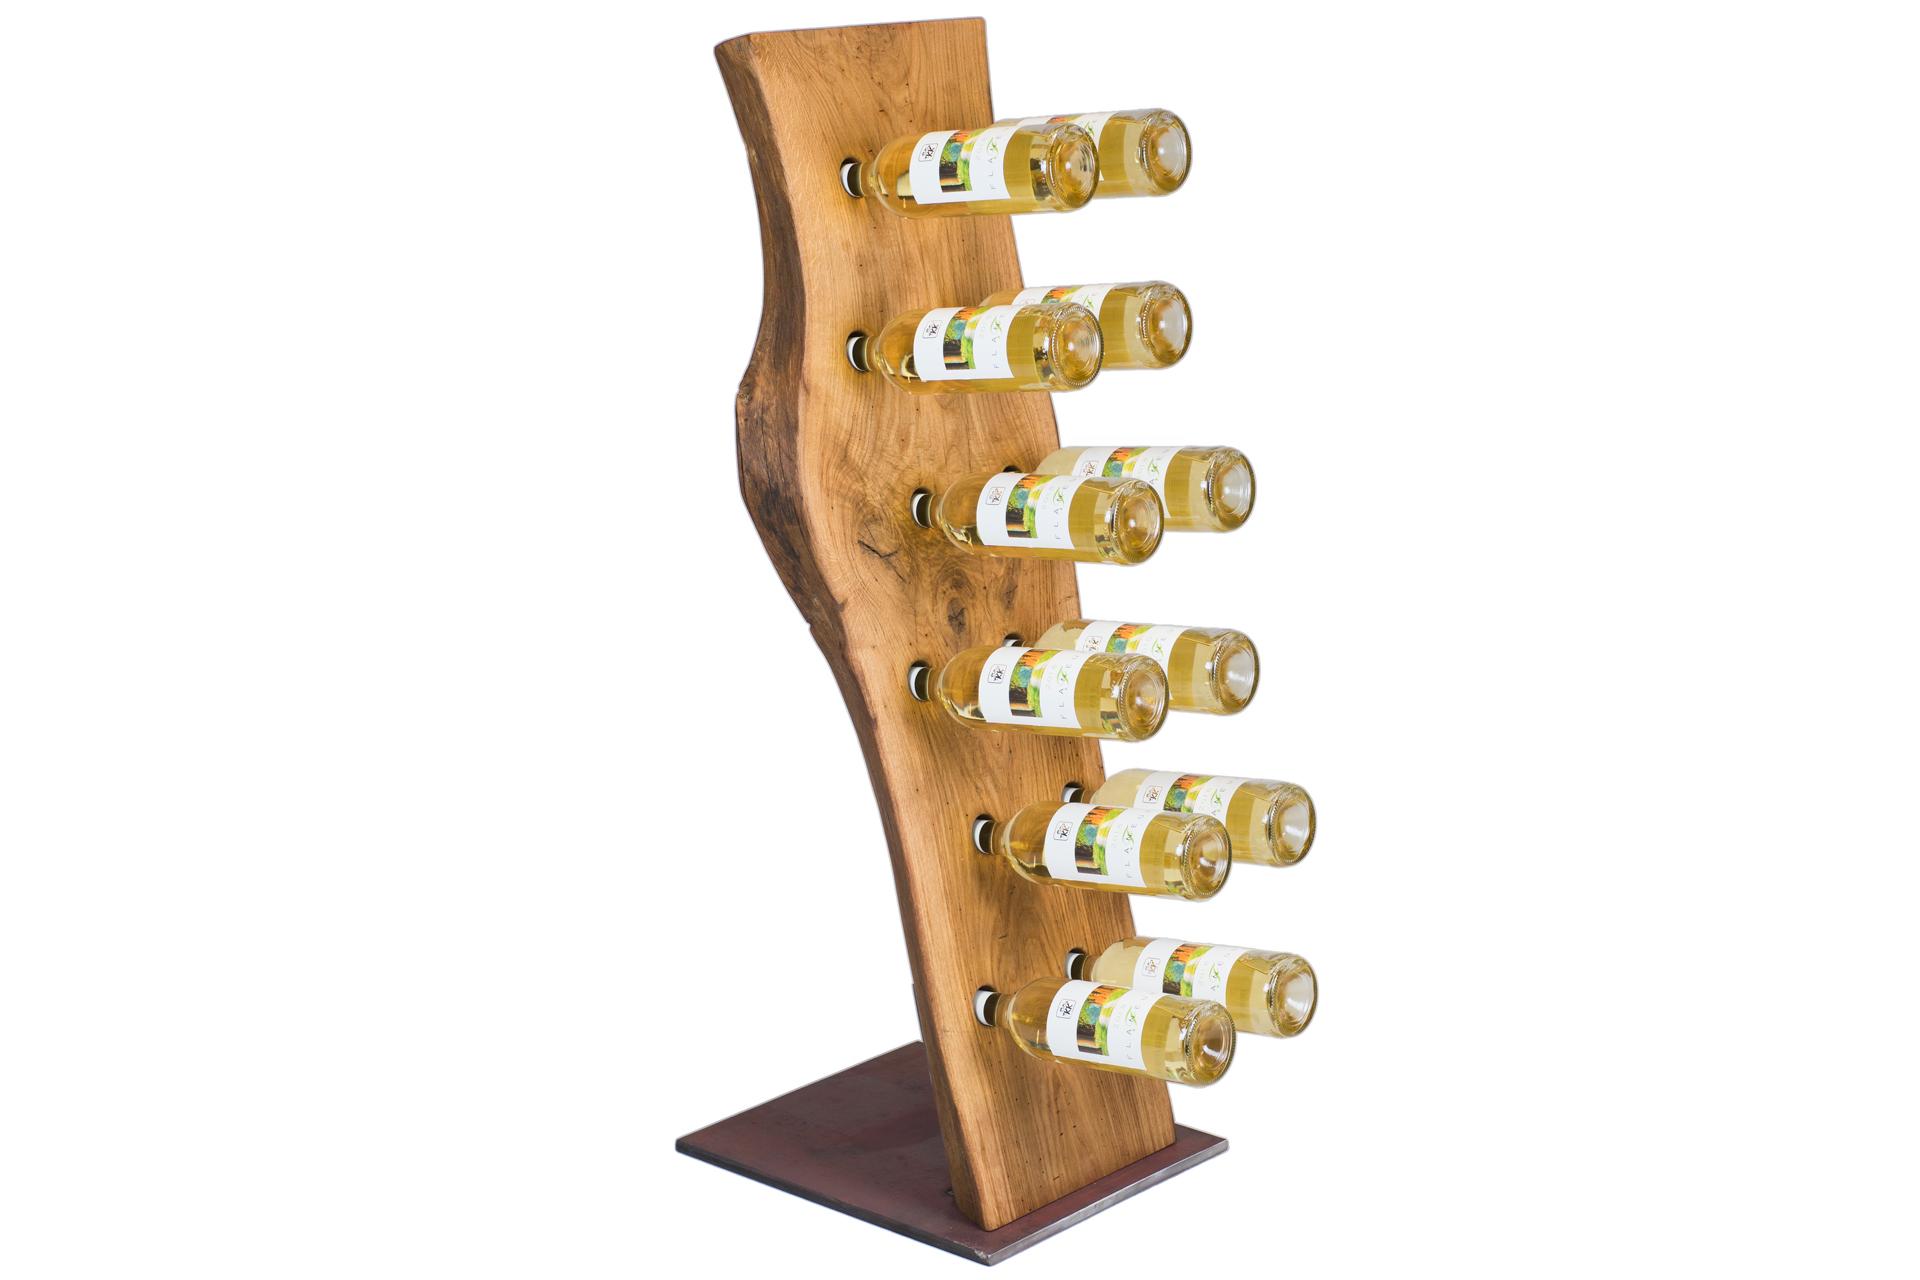 Weinregal Aus Holz Und Metall Online Kaufen Rustikal Einzigartig